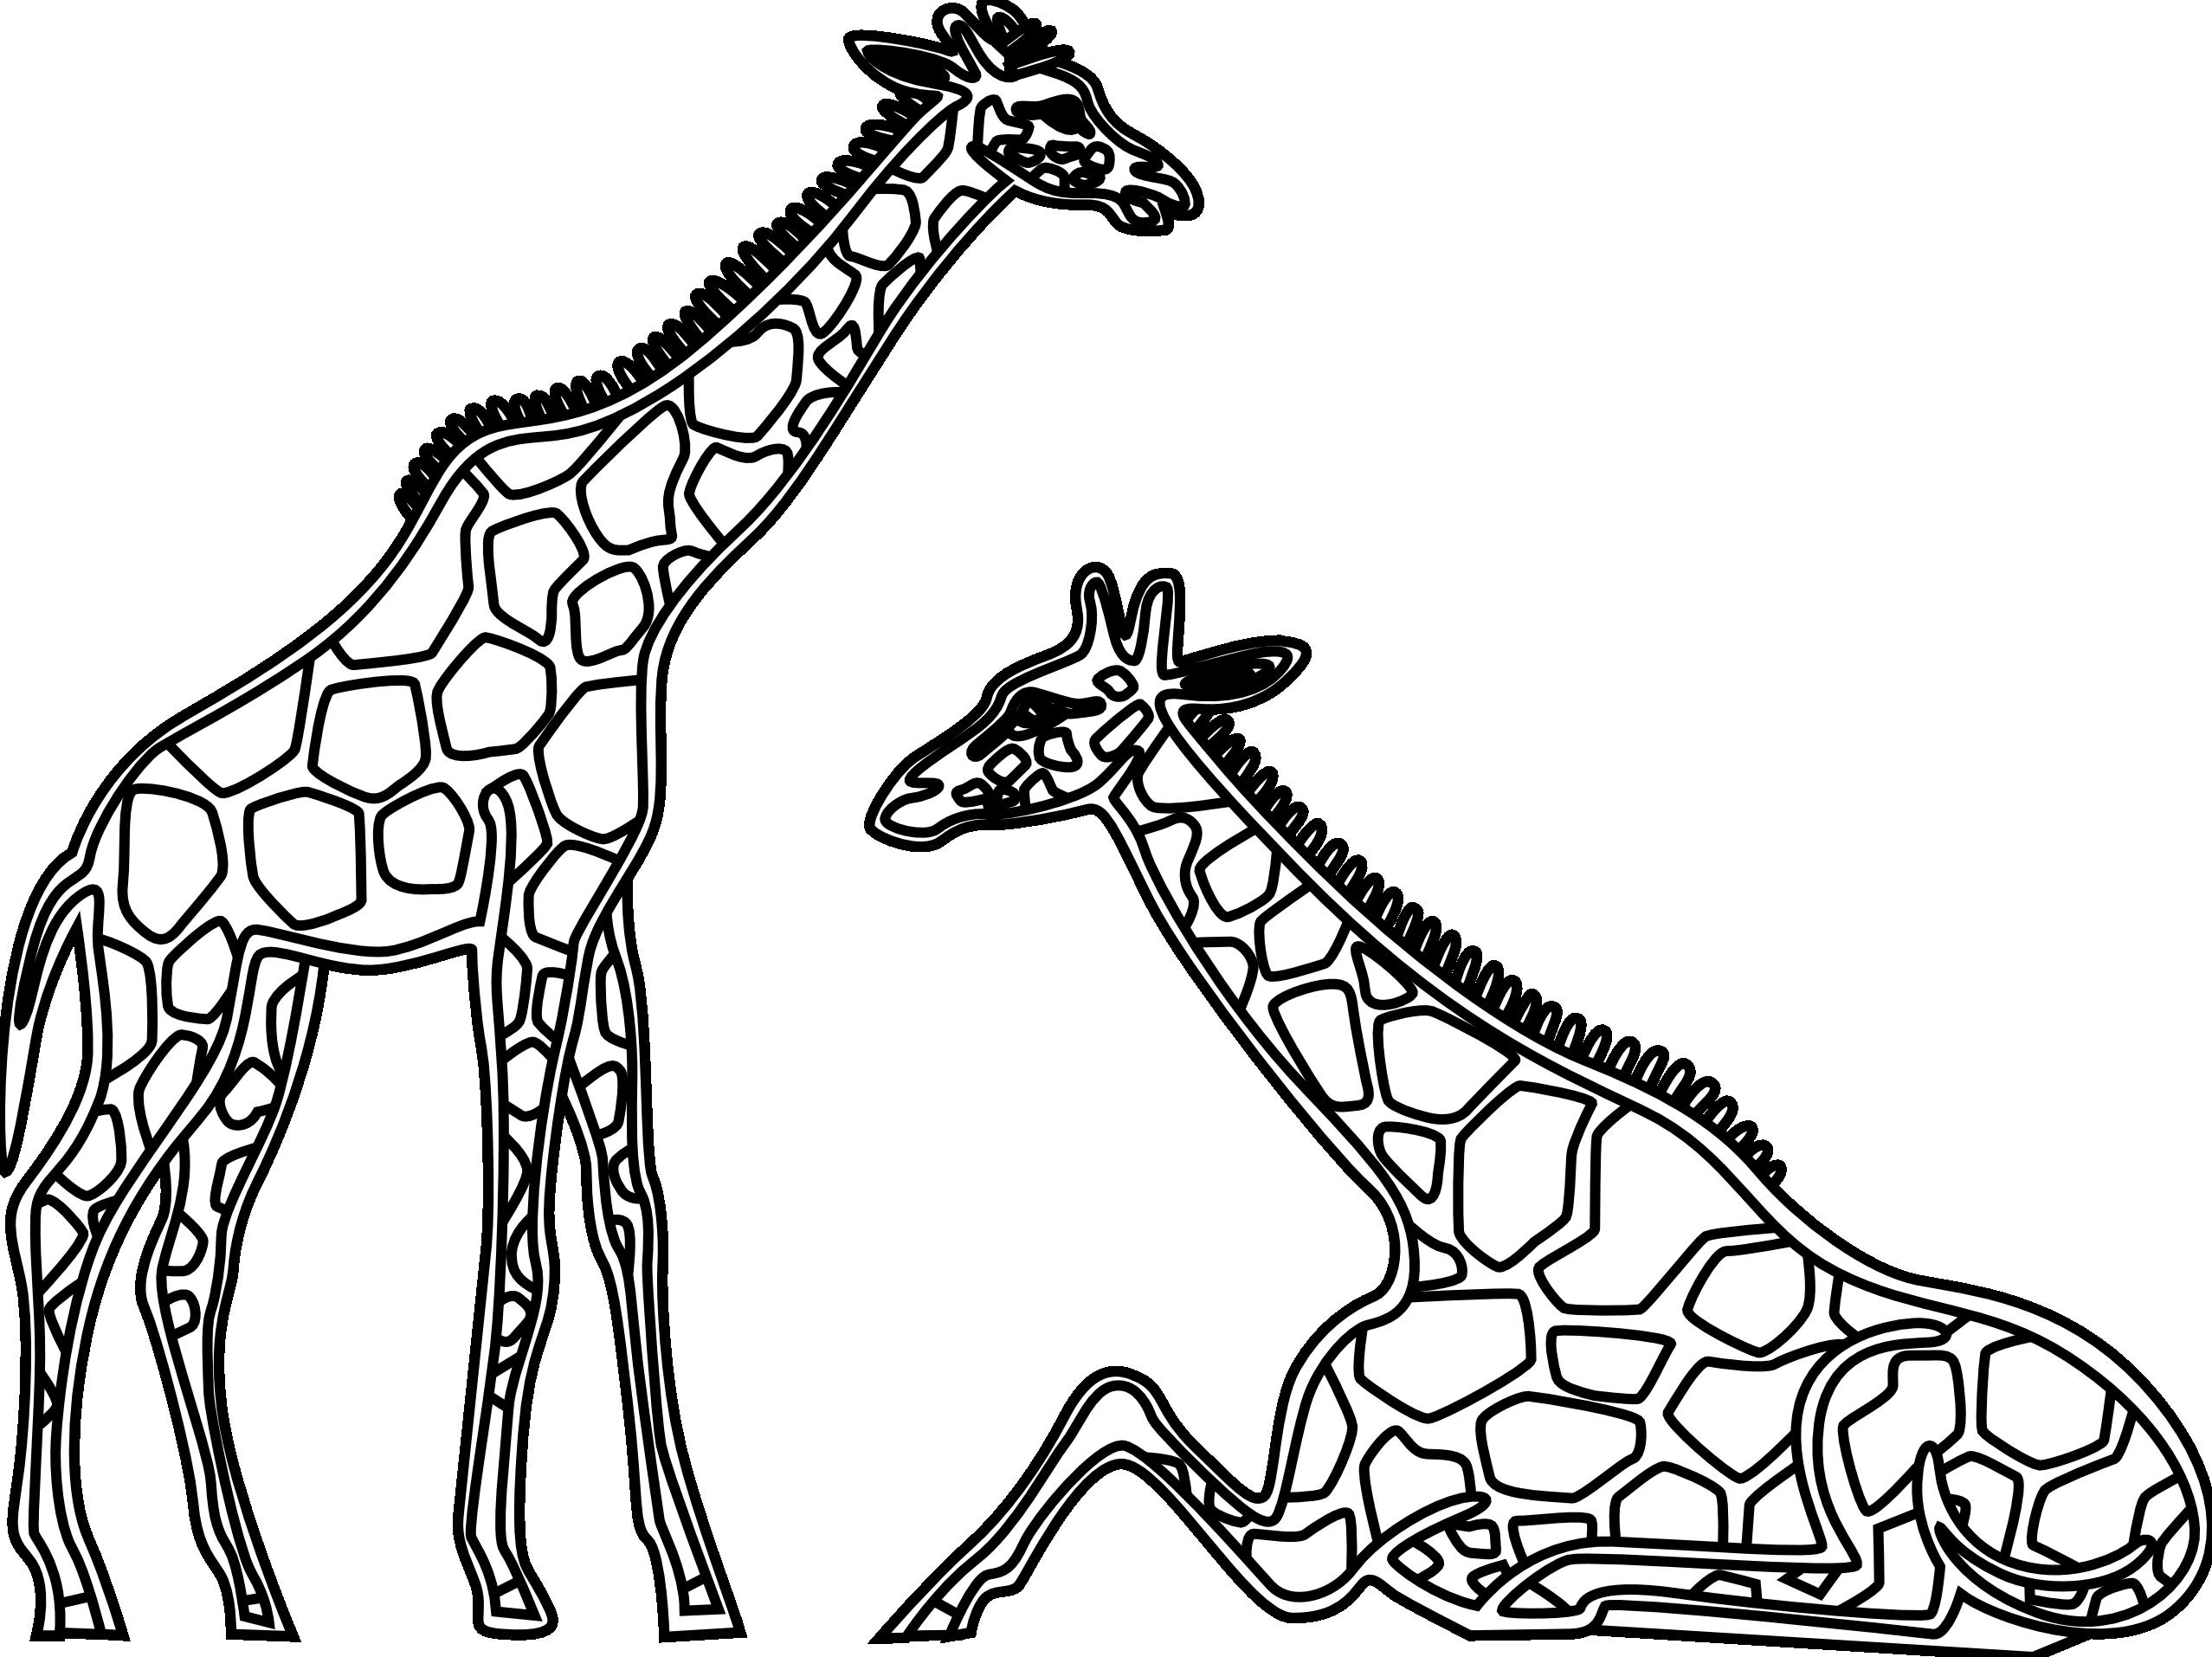 Black & White clipart giraffe Black White and Giraffe photo#5